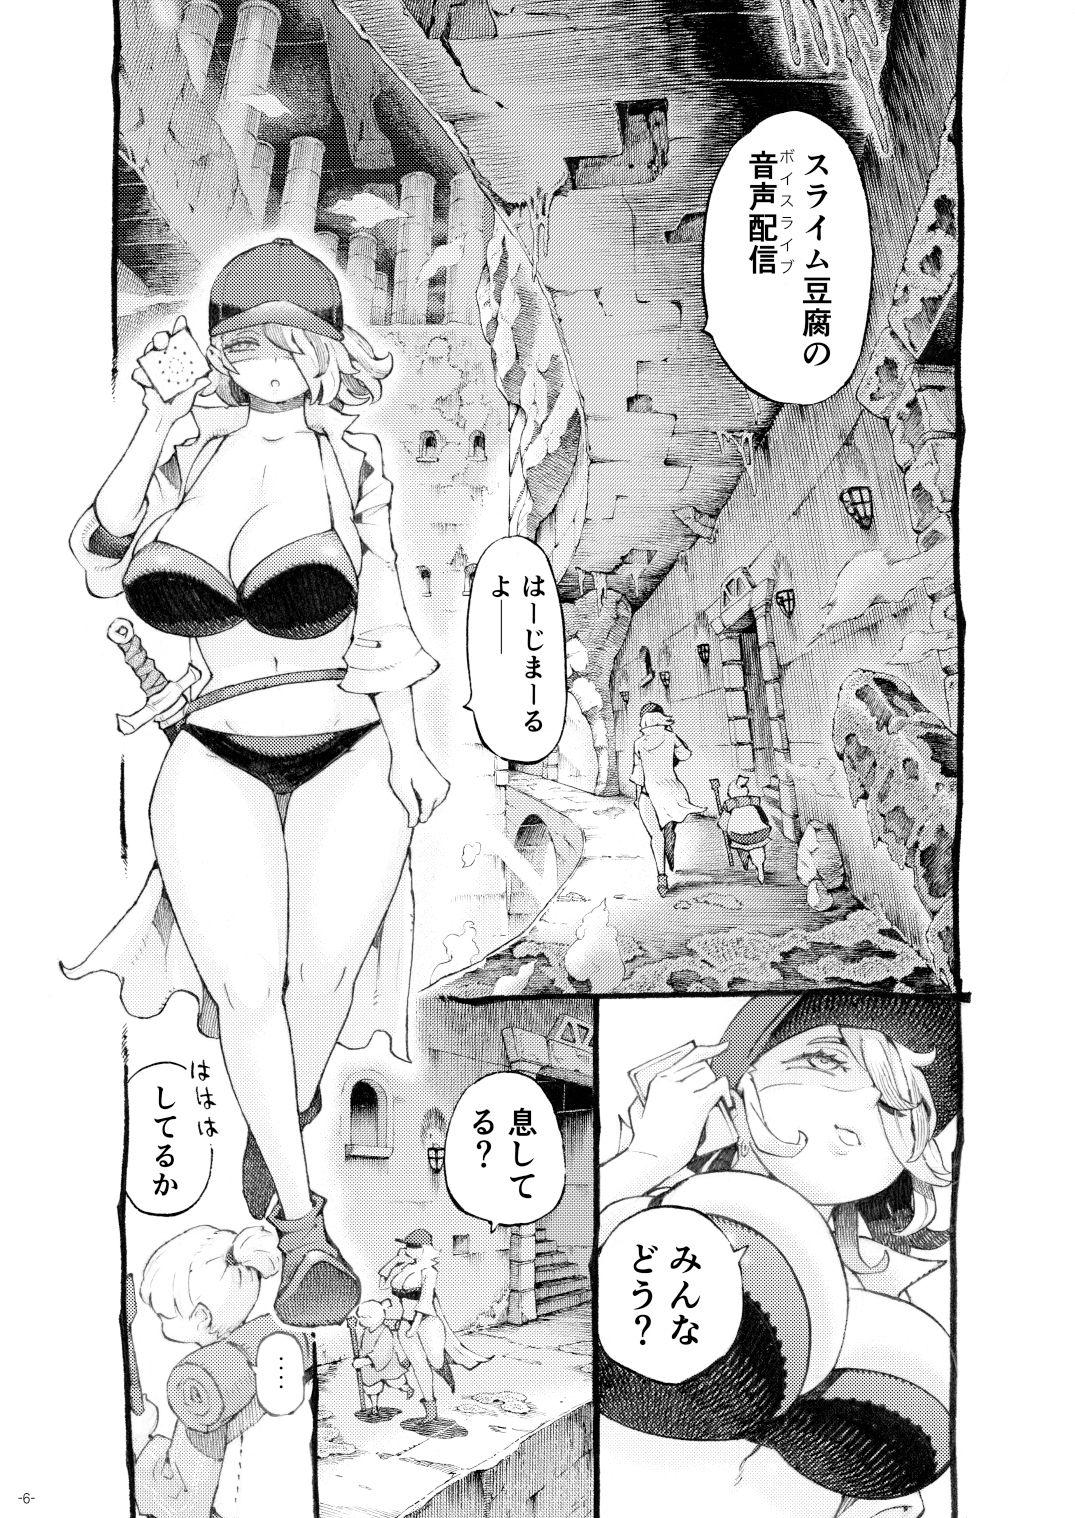 【エロ漫画】迷宮配信者スライム豆腐(変態配信者)は迷宮でむちゃくちゃにされたい。「サークル:ナイーブタ」【同人誌・コミック】#1